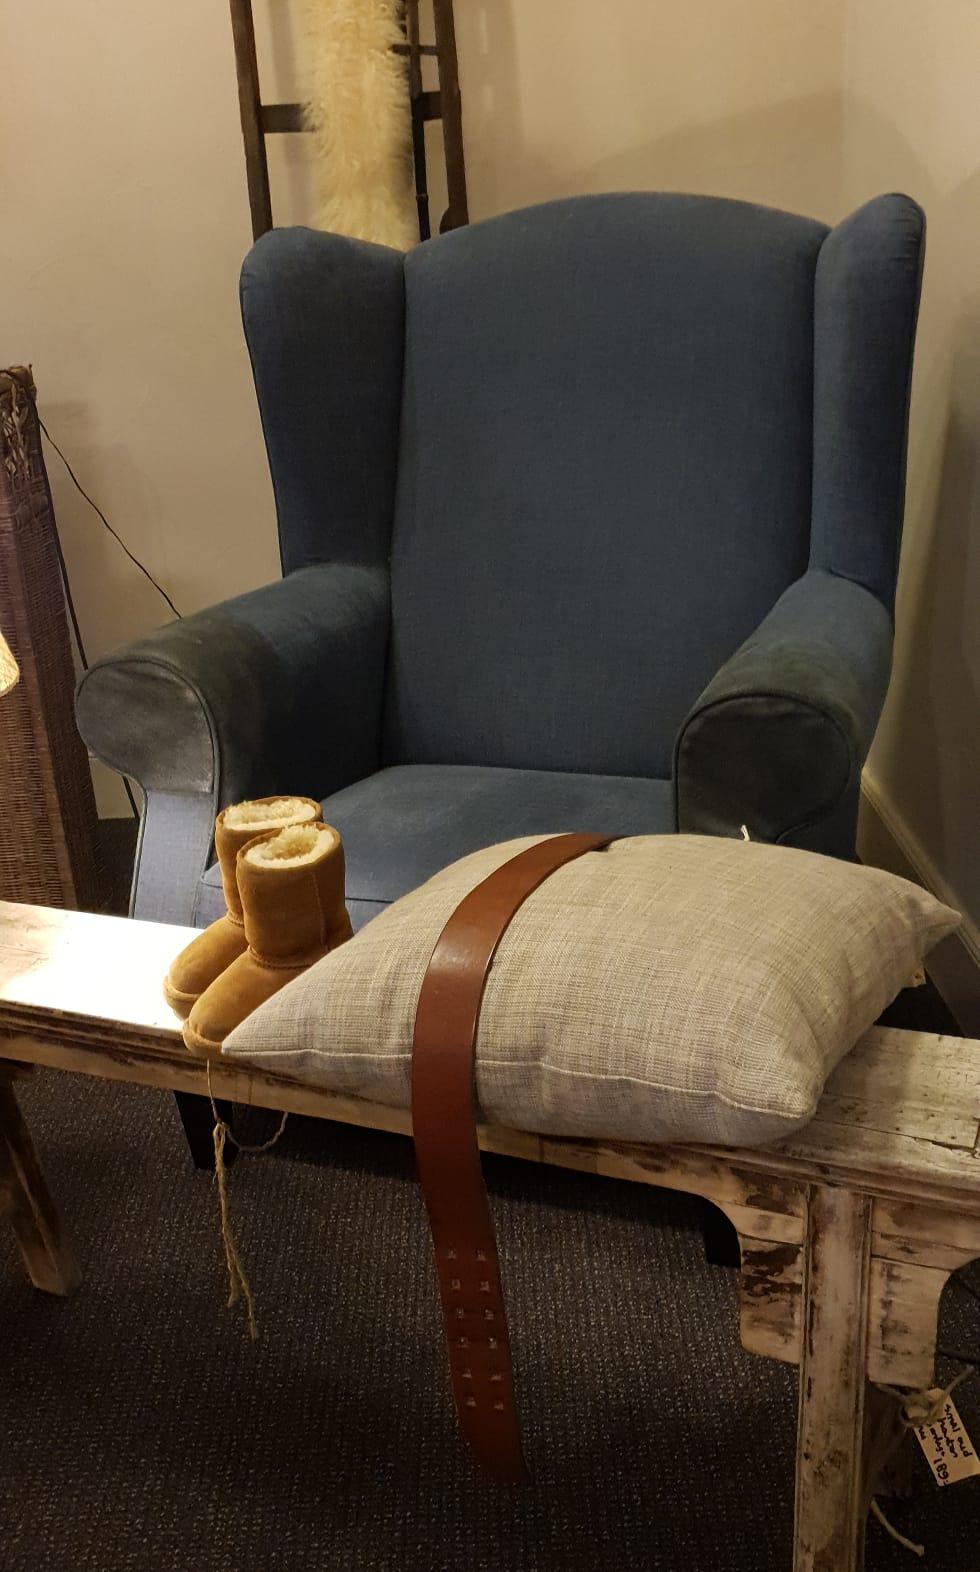 Landelijk stoel met sfeervolle accessoires in de showroom van Verschoor Wonen.